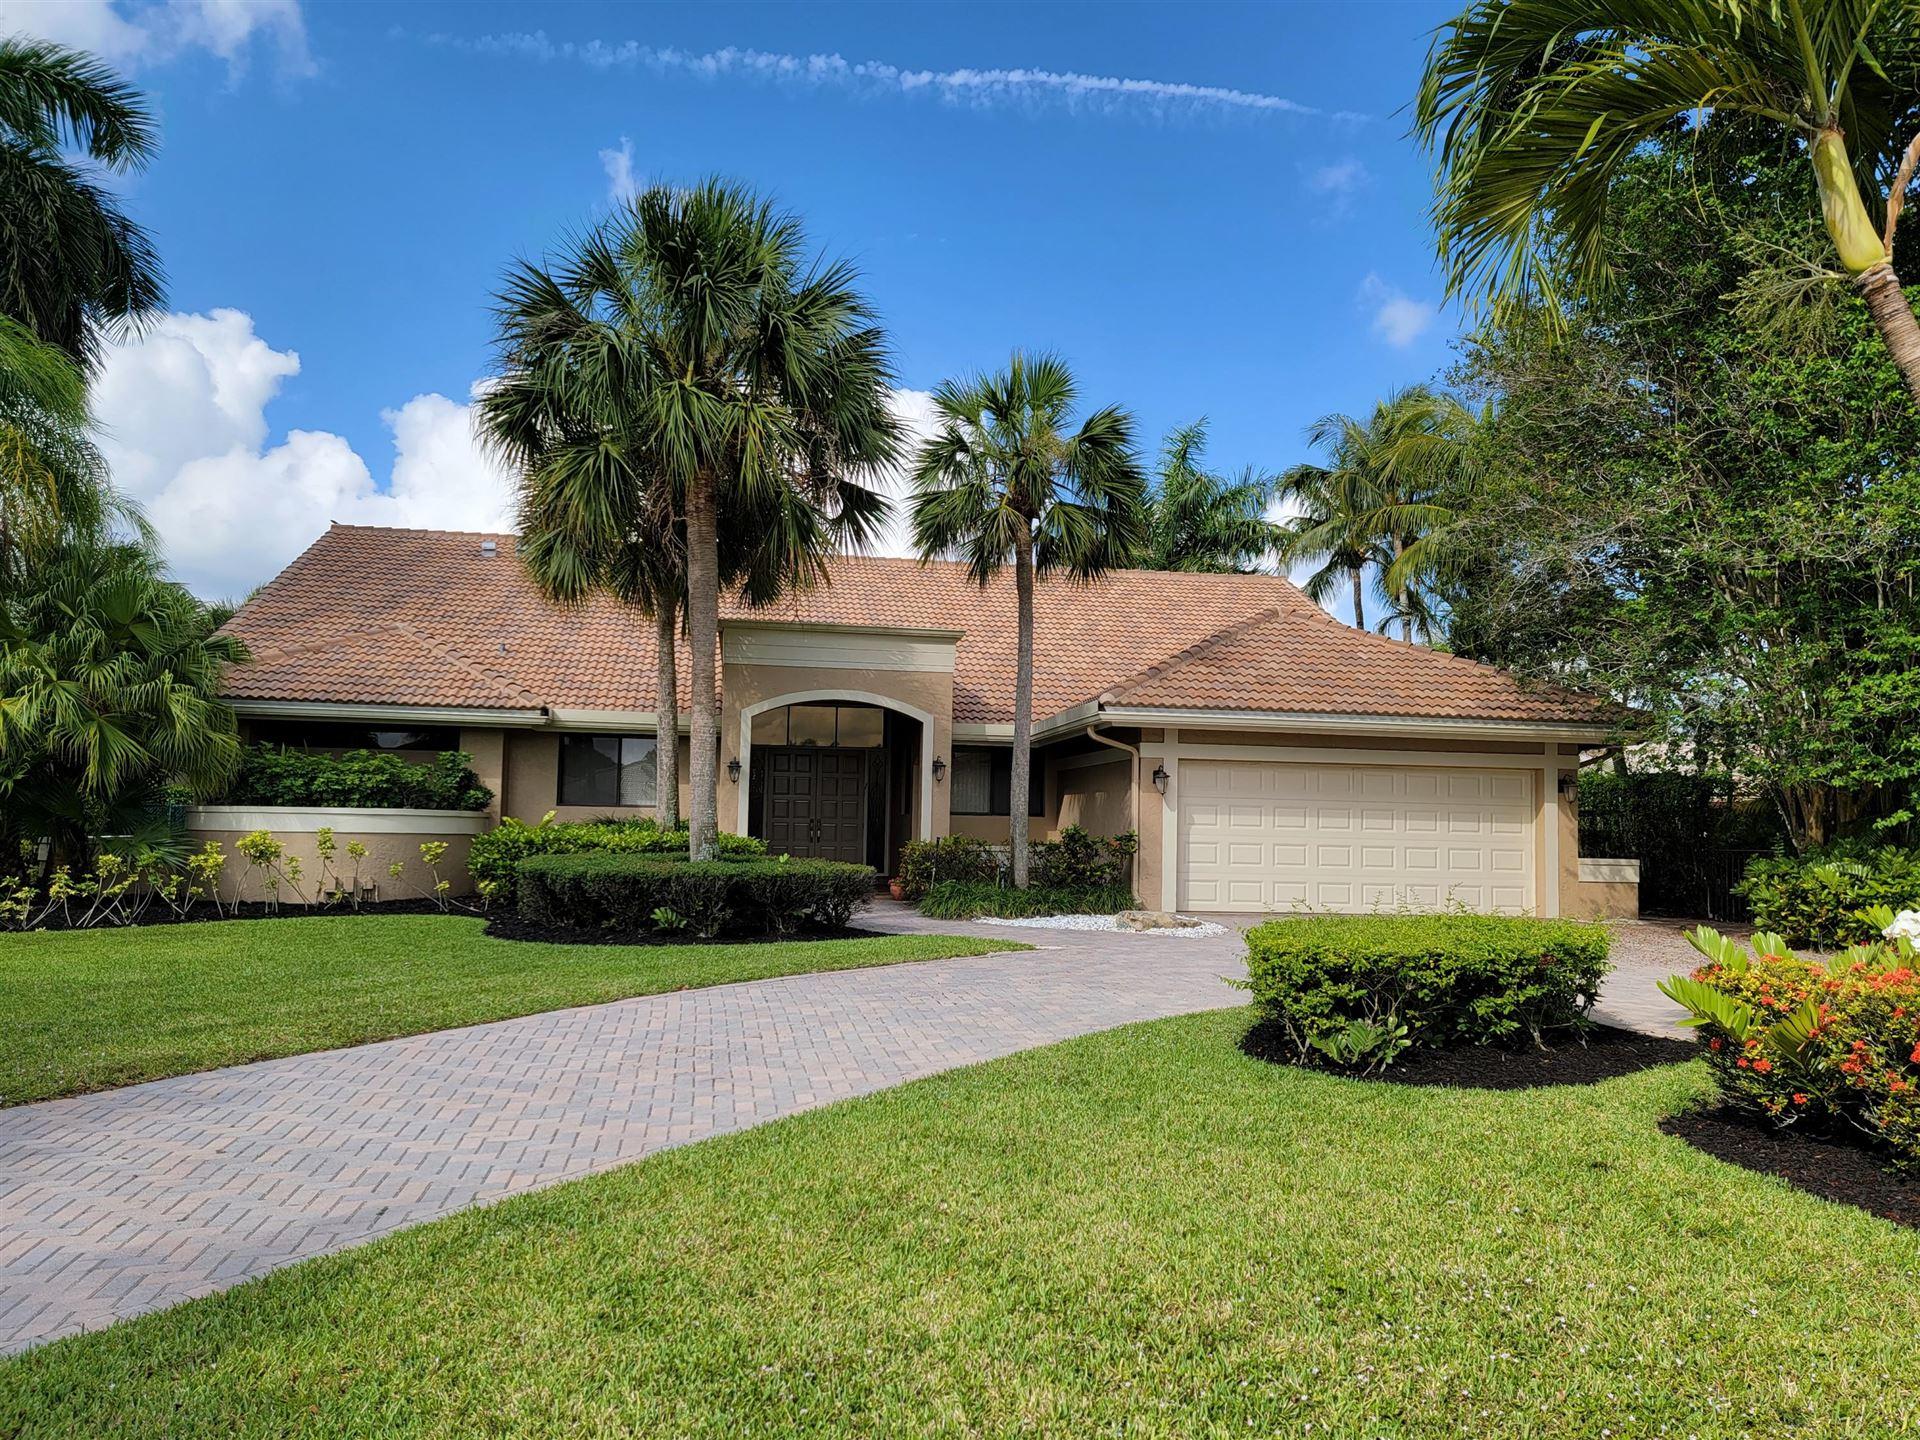 10706 Kirkaldy Lane, Boca Raton, FL 33498 - MLS#: RX-10719404